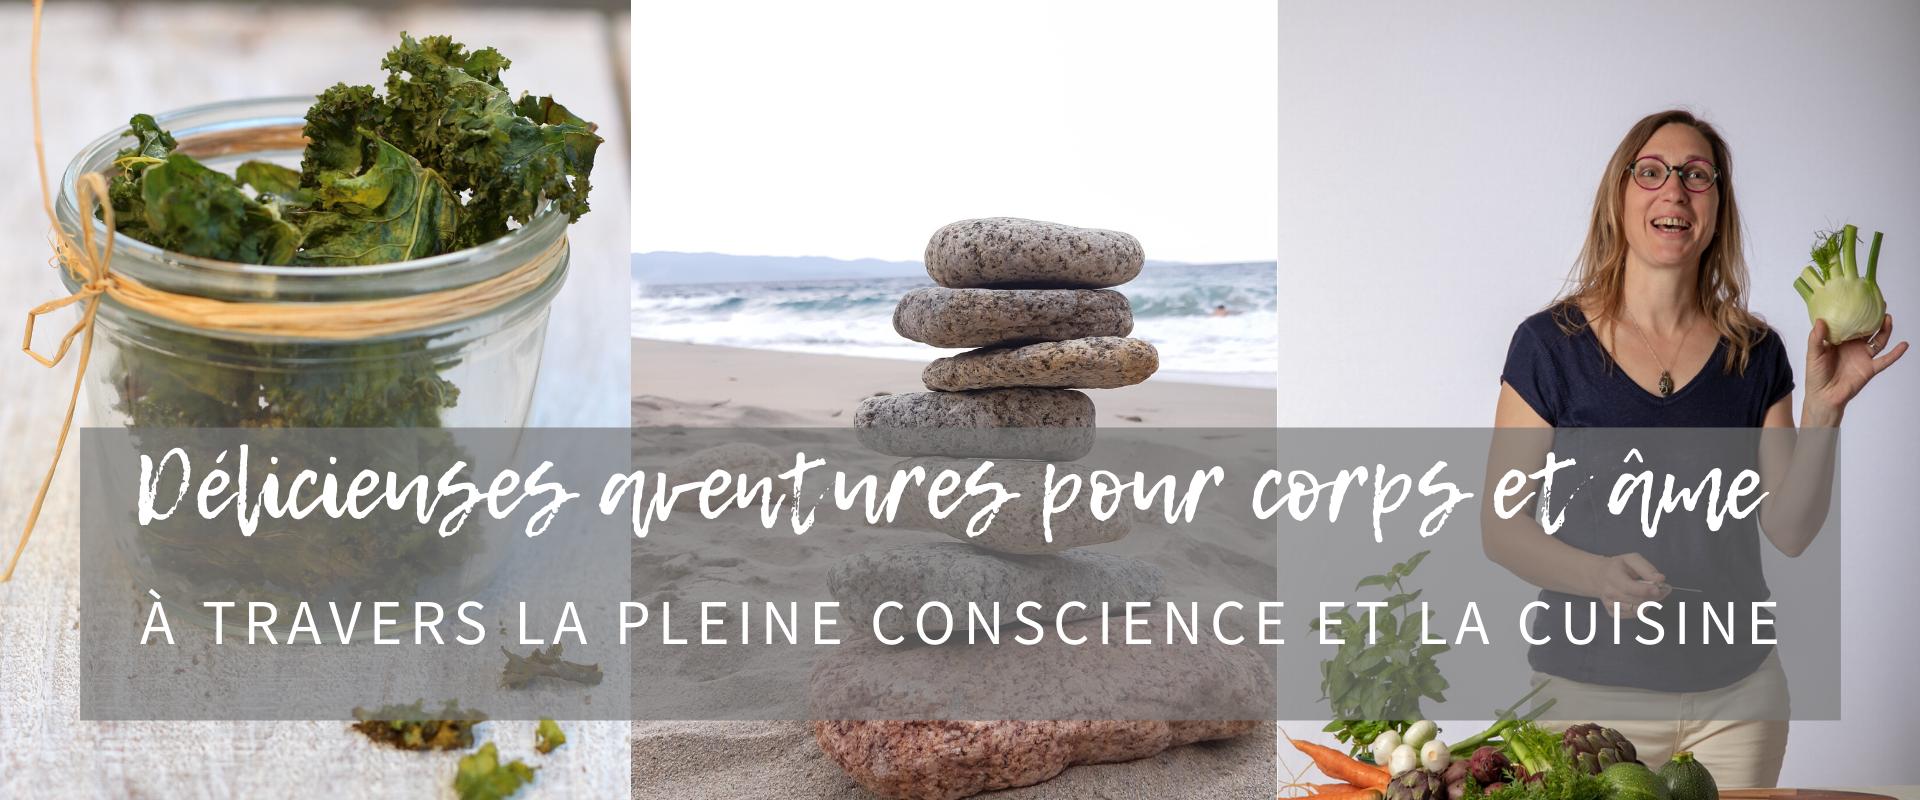 https://www.alimentation-integrative.fr/wp-content/uploads/2019/12/v3-1920x800.png